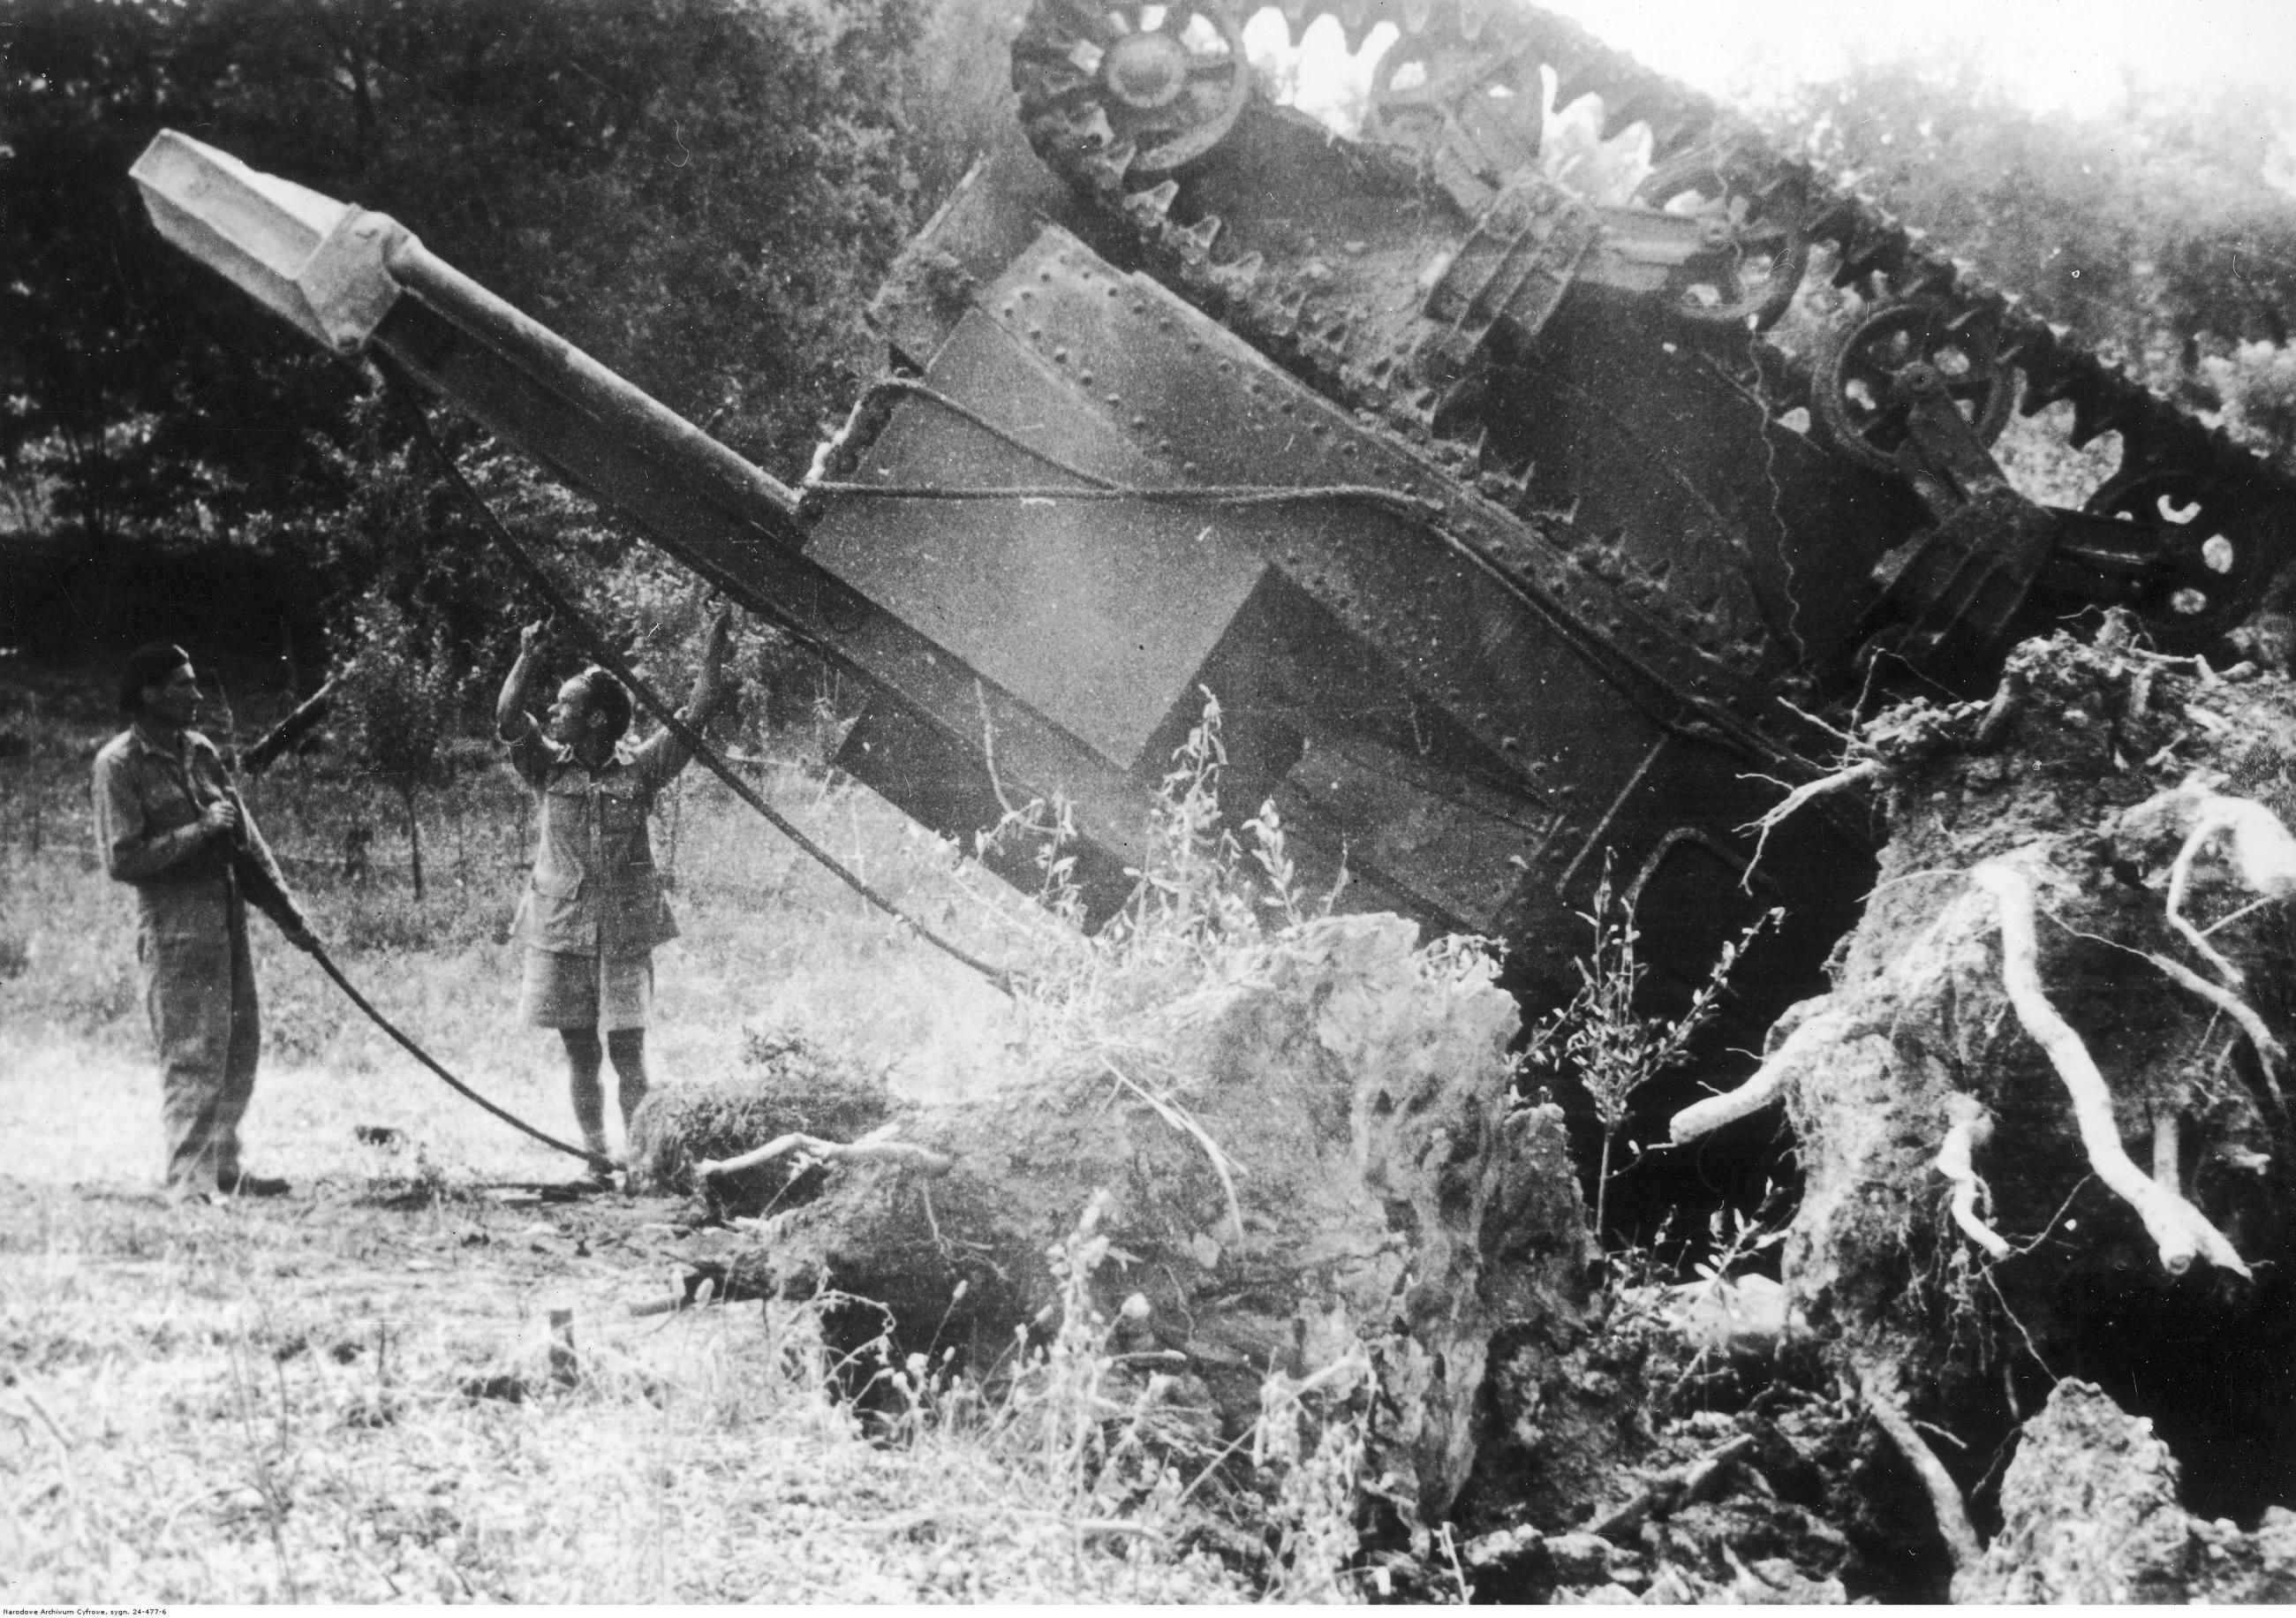 Czołg ratowniczy, który przewrócił się w czasie pracy na wzgórzu Badia, 18 lipca 1944 r.